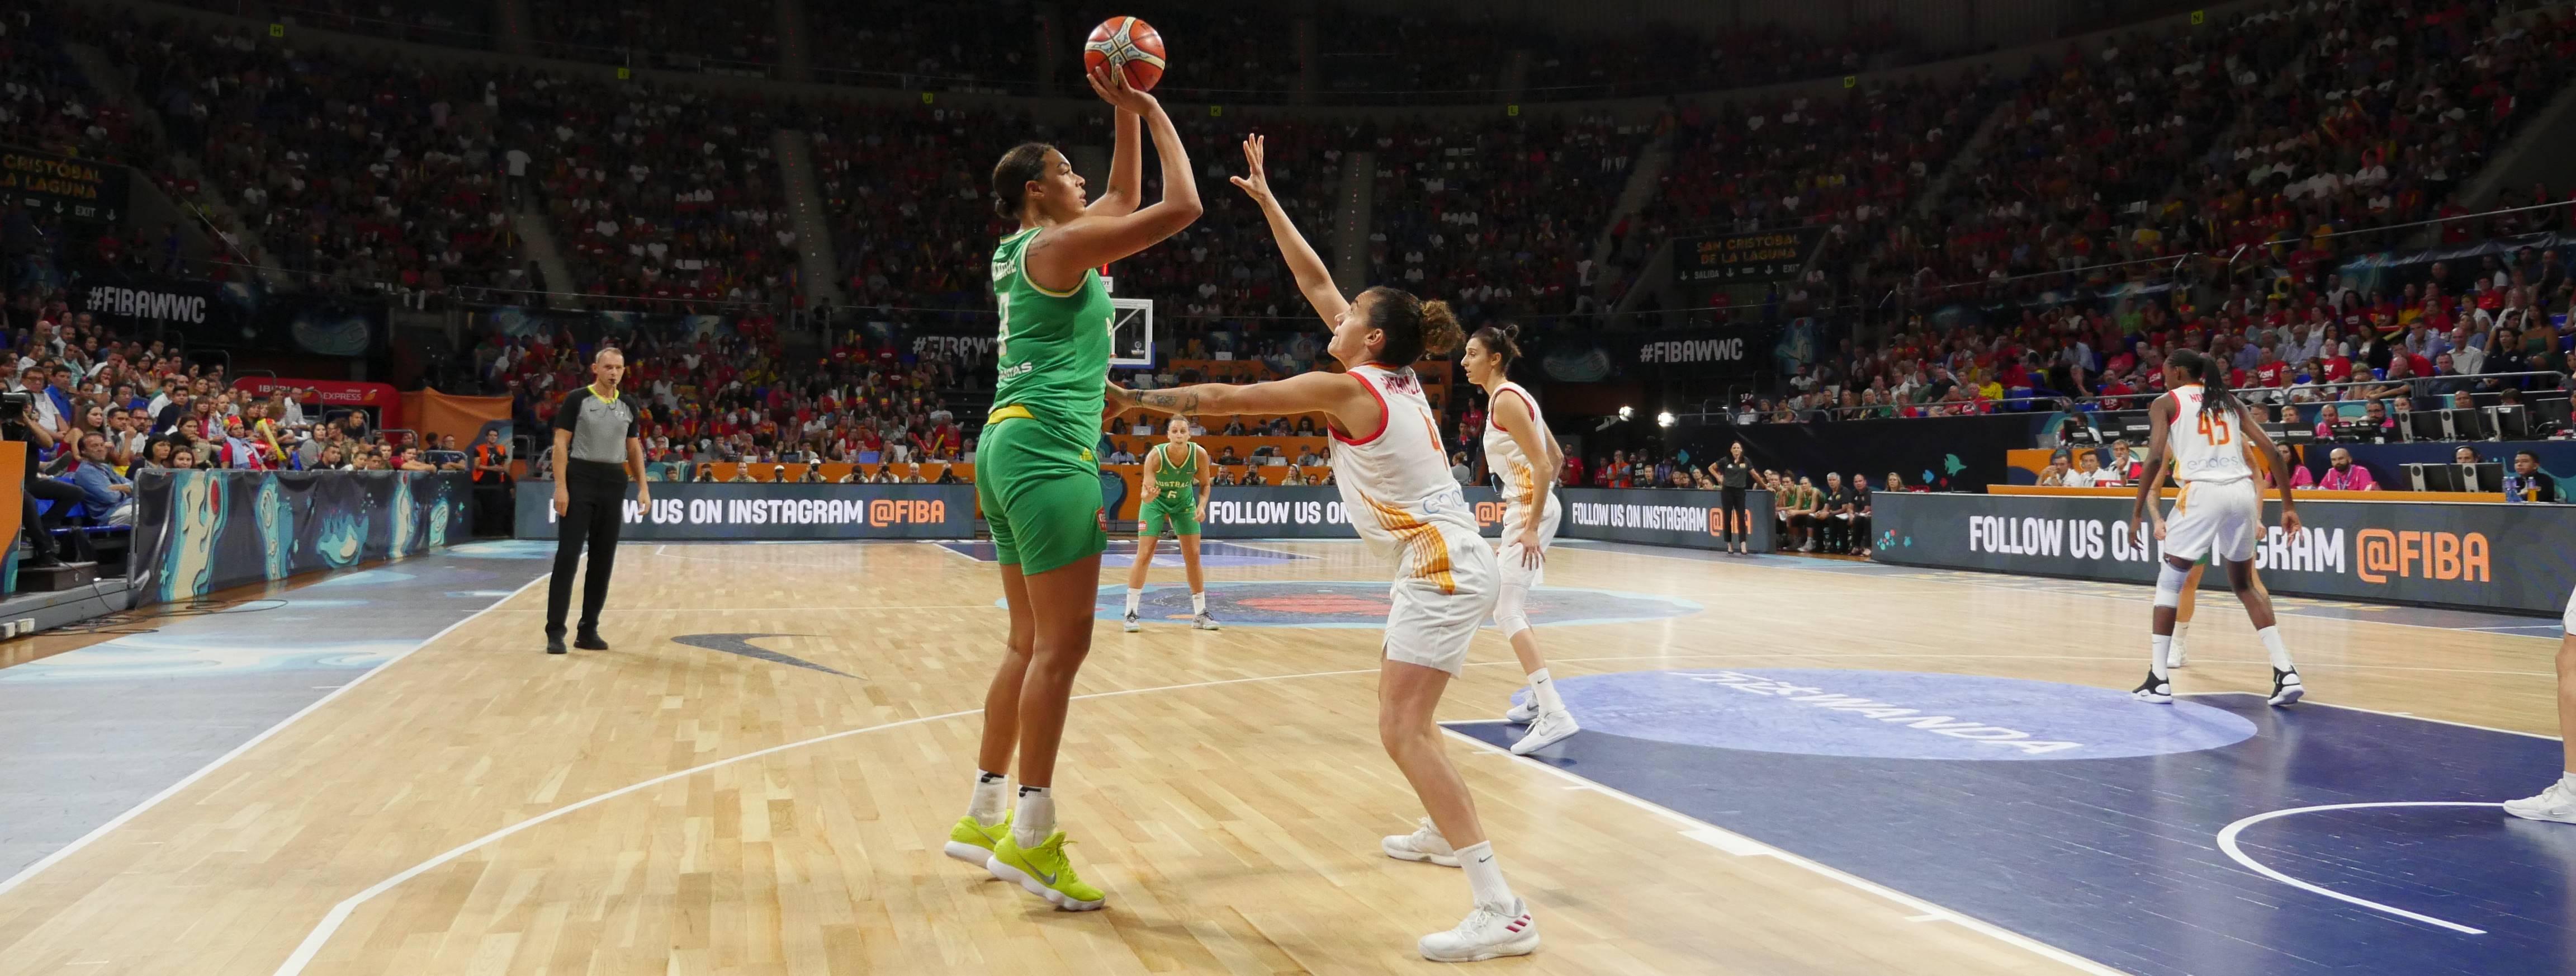 La australiana Cambage deja a España sin final en el Mundial de Tenerife